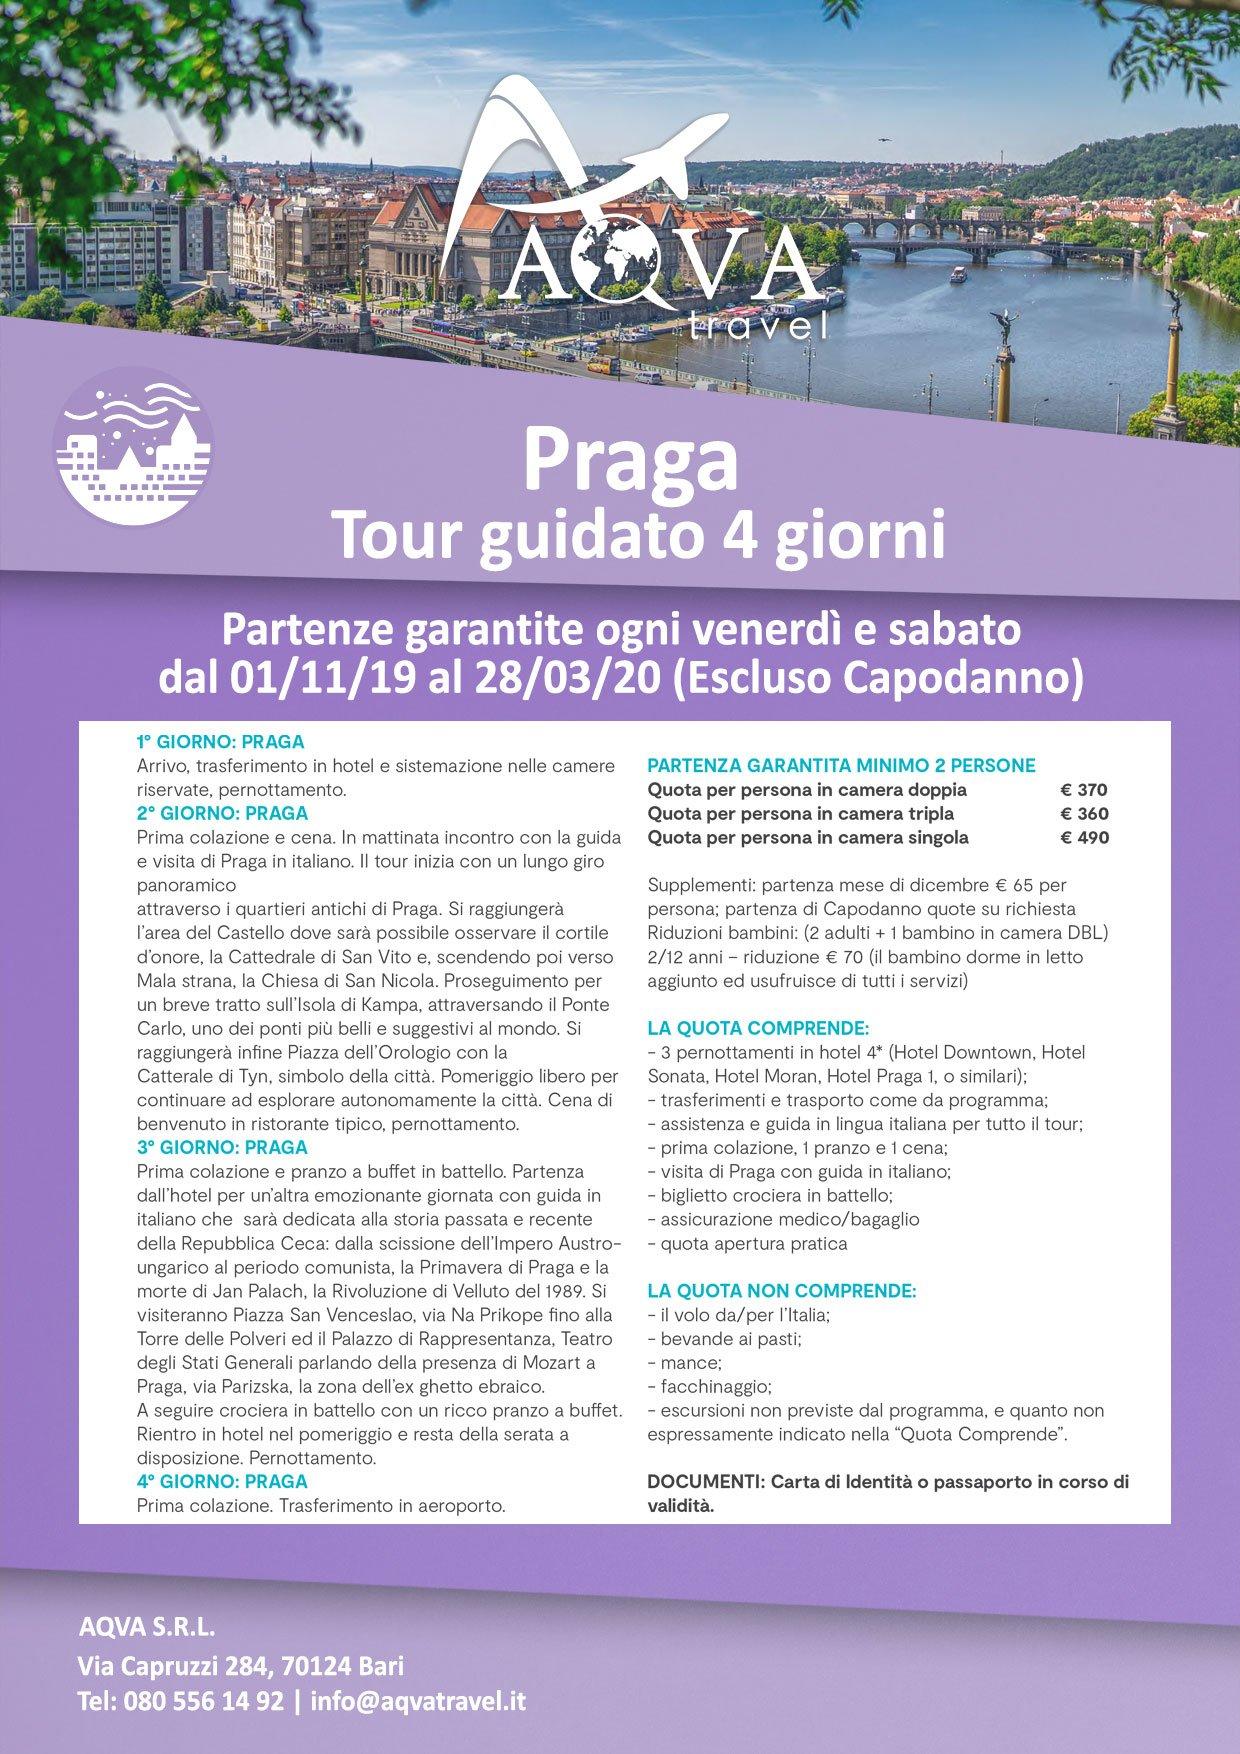 Praga-Tour-guidato-4-giorni-CITTà-offerte-agenzia-di-viaggi-Bari-AQVATRAVEL-it